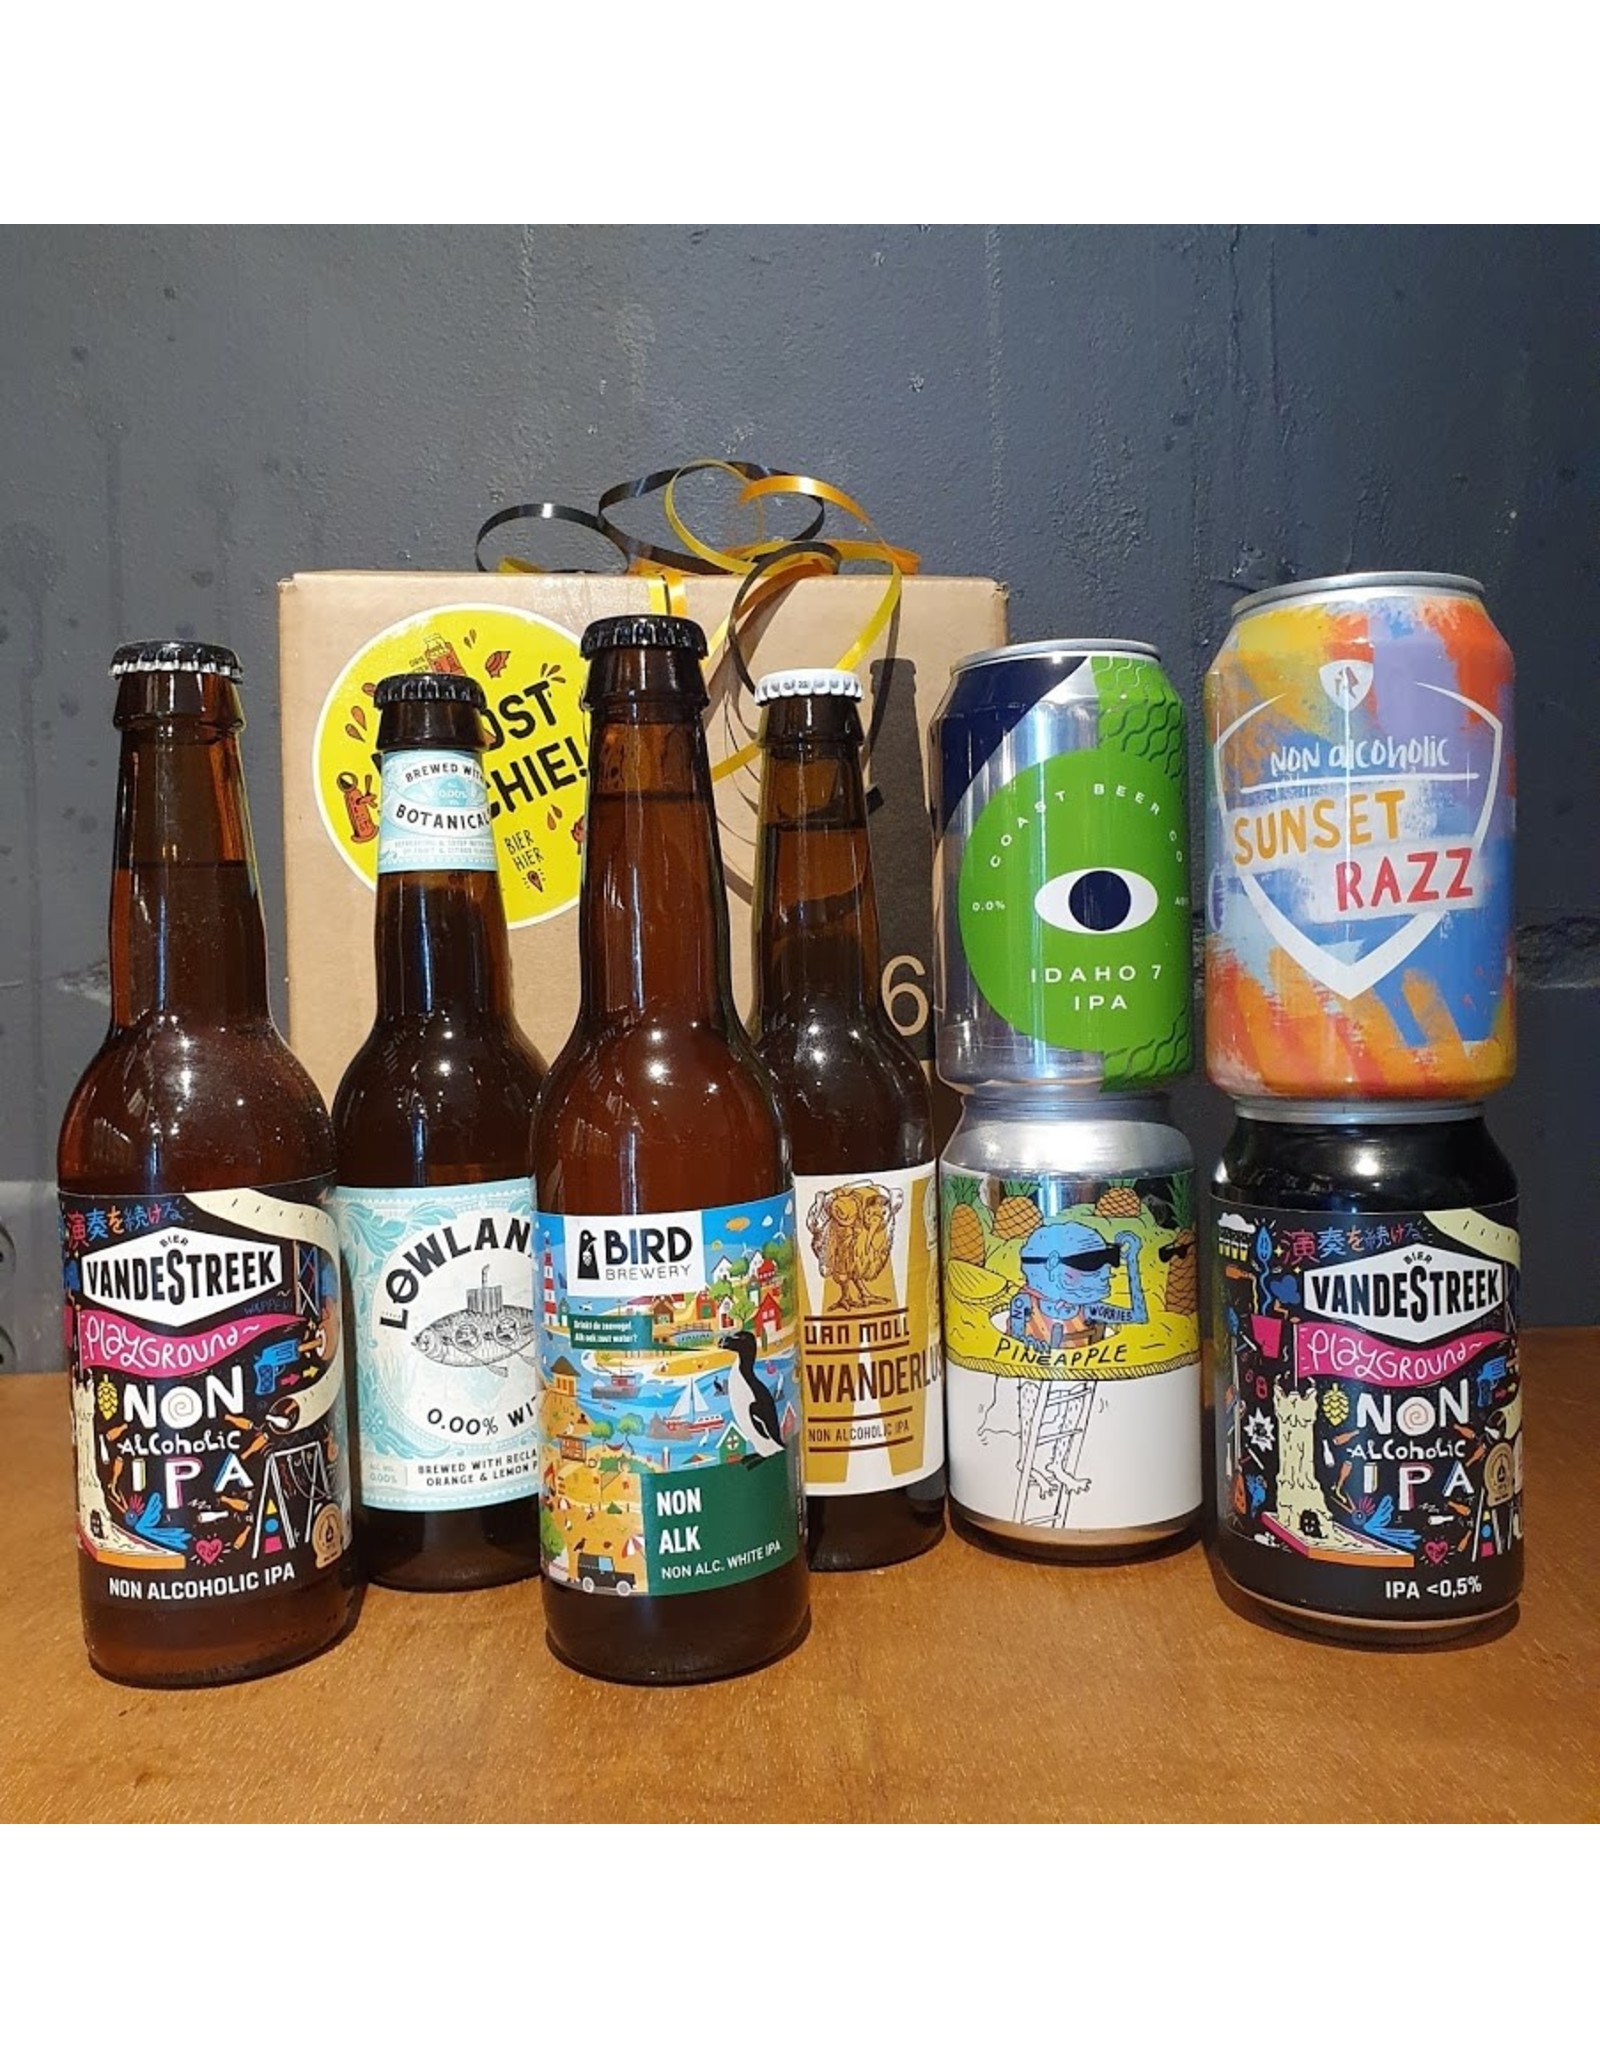 Bierpakket alcoholvrij 0.5%